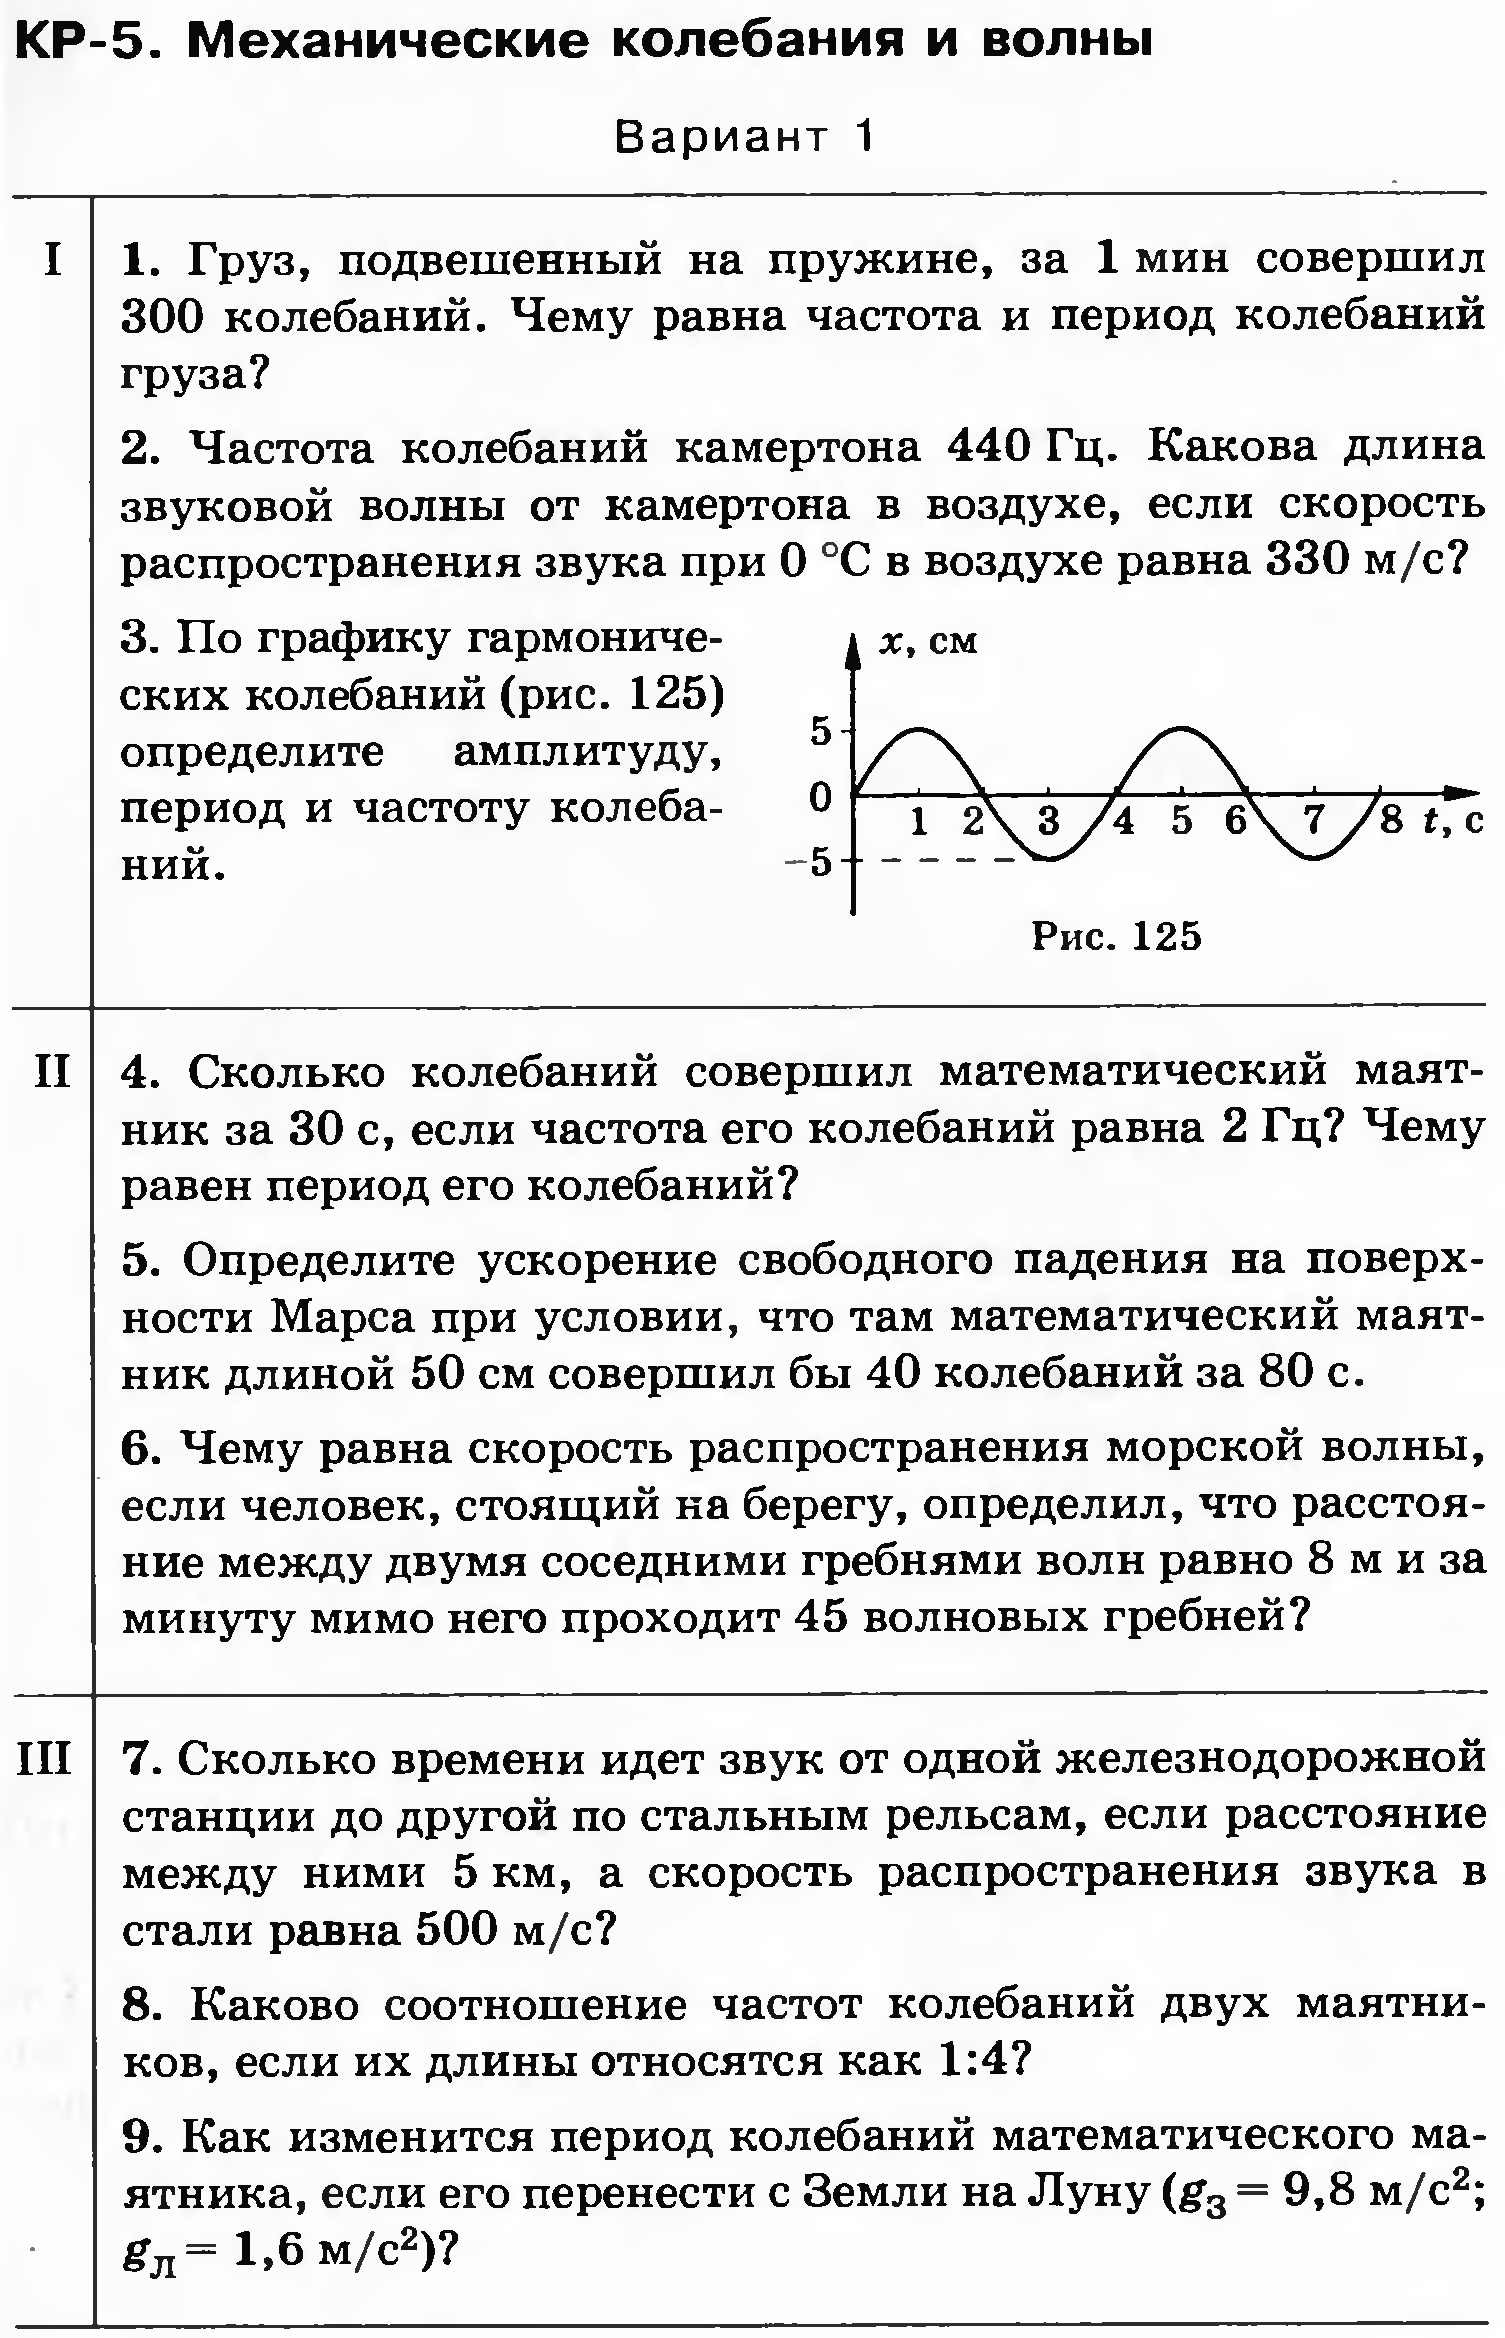 Контрольная работа Механические колебания и волны  hello html 21c46916 png